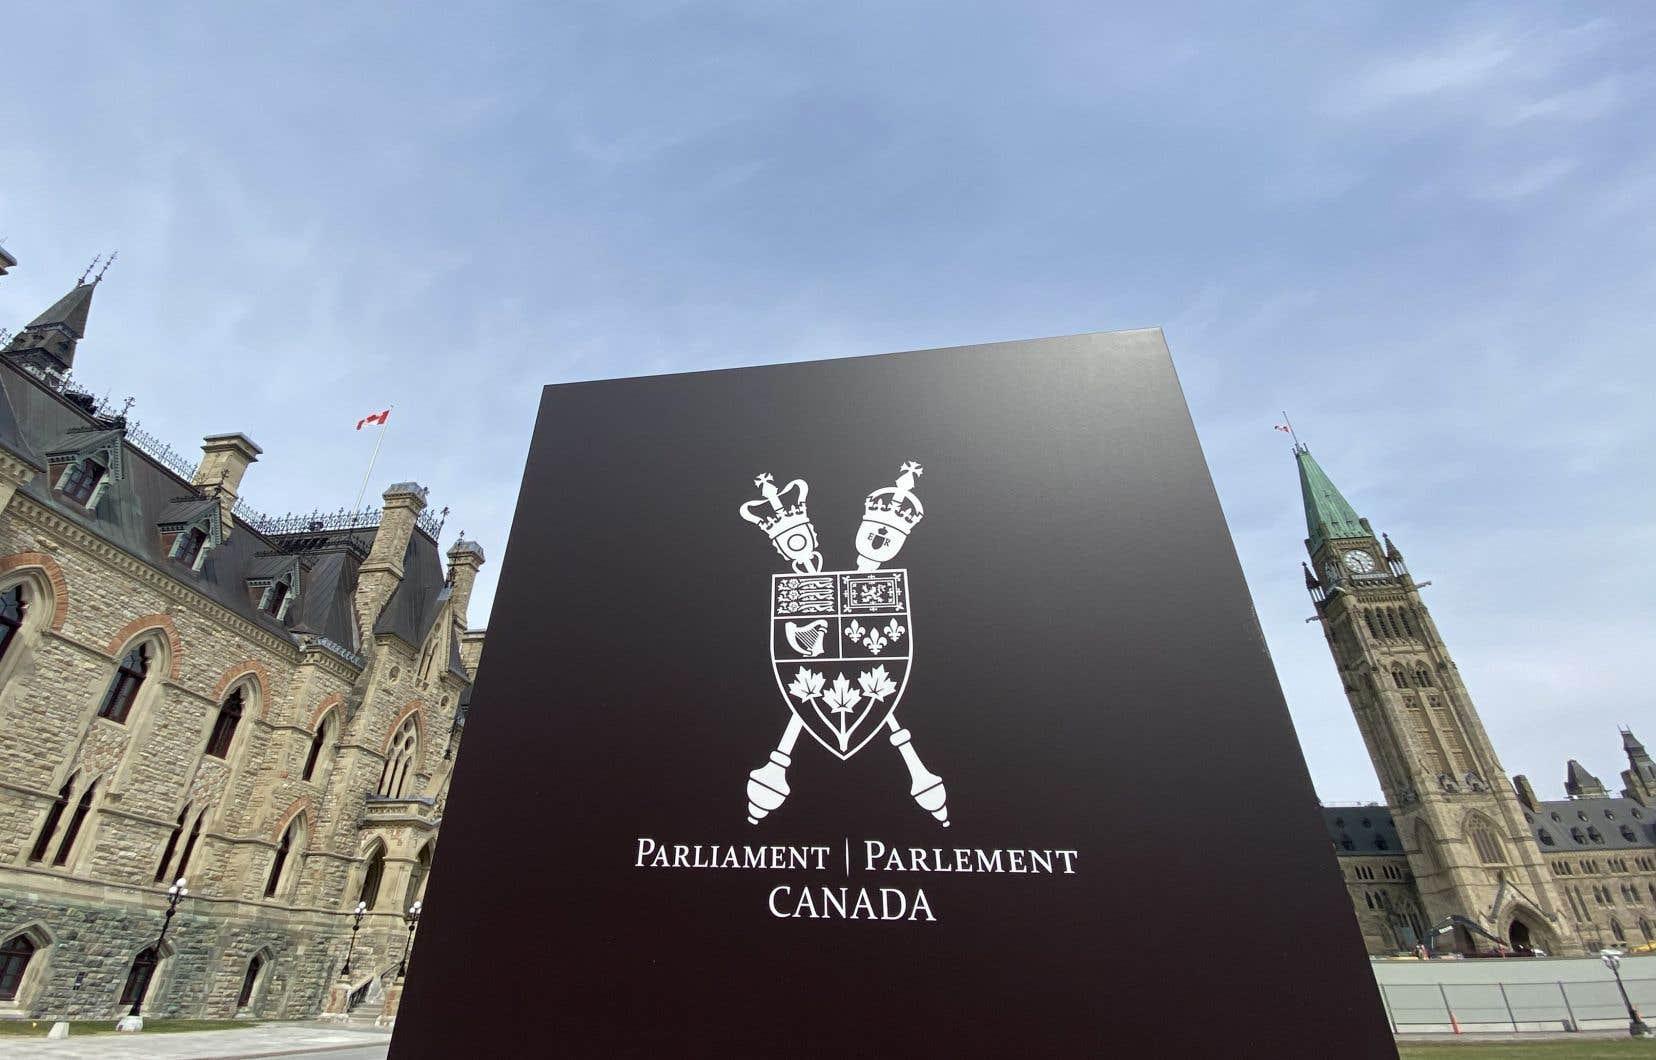 Il faut unanimité des parlementaires pour une adoption le jour même du projet de loi. Or, les élus ne s'entendent pas sur la dernière version proposée par le gouvernement.